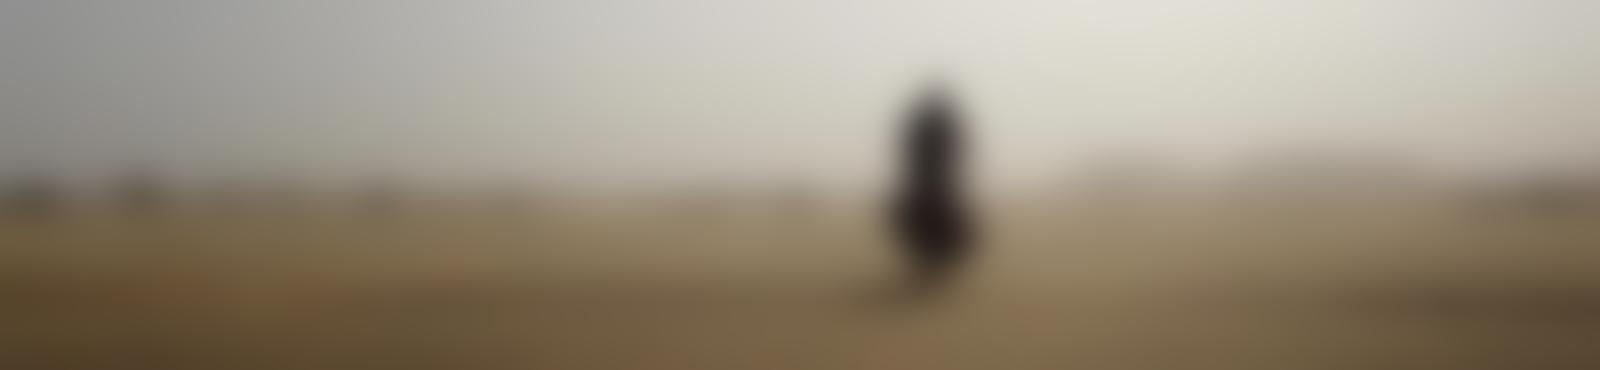 Blurred acc01bdf 1b3f 498d 8dbf 864ff877d378